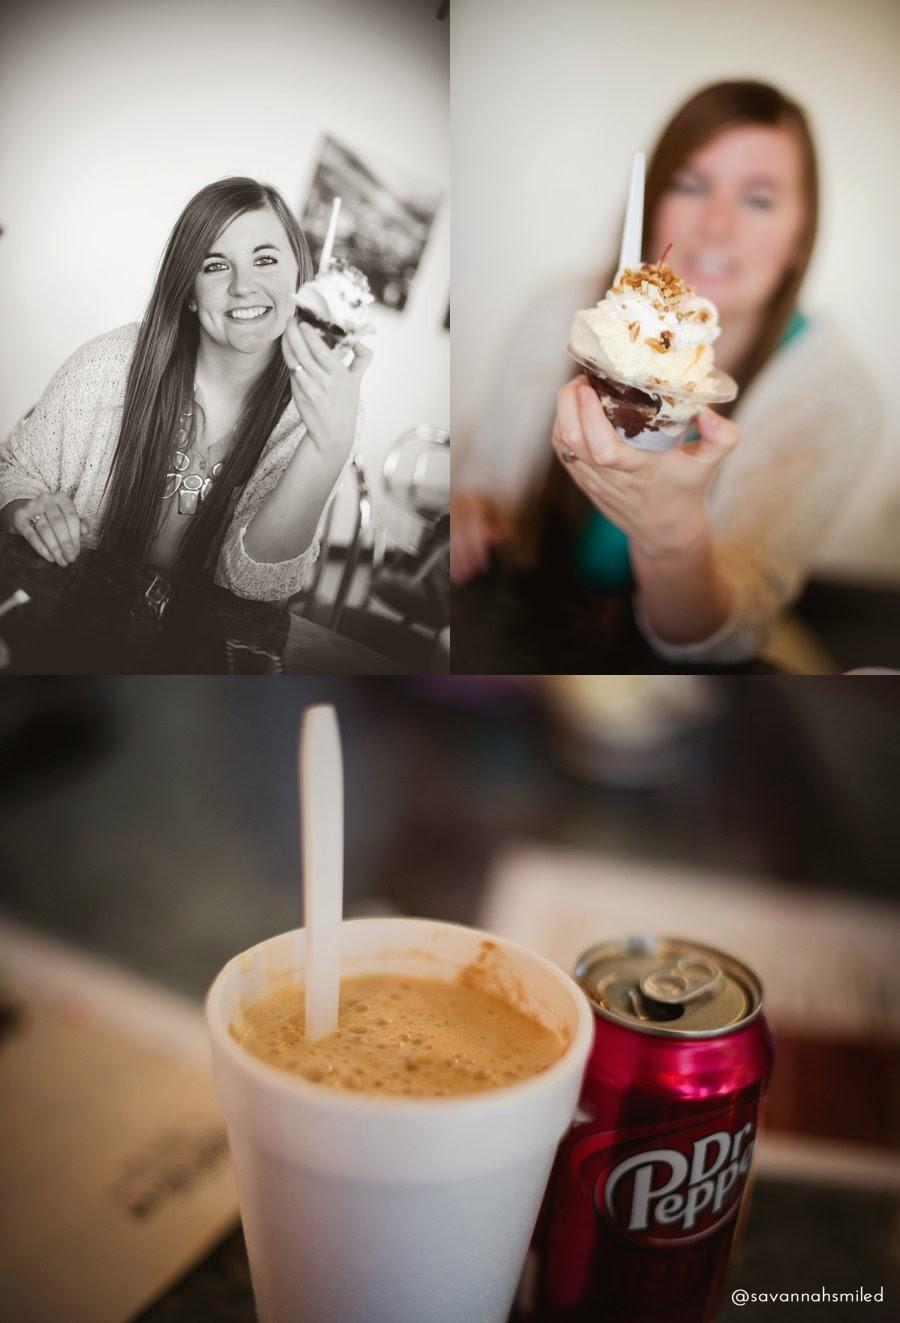 dairy-museum-sulphur-springs-ice-cream-photo.jpg